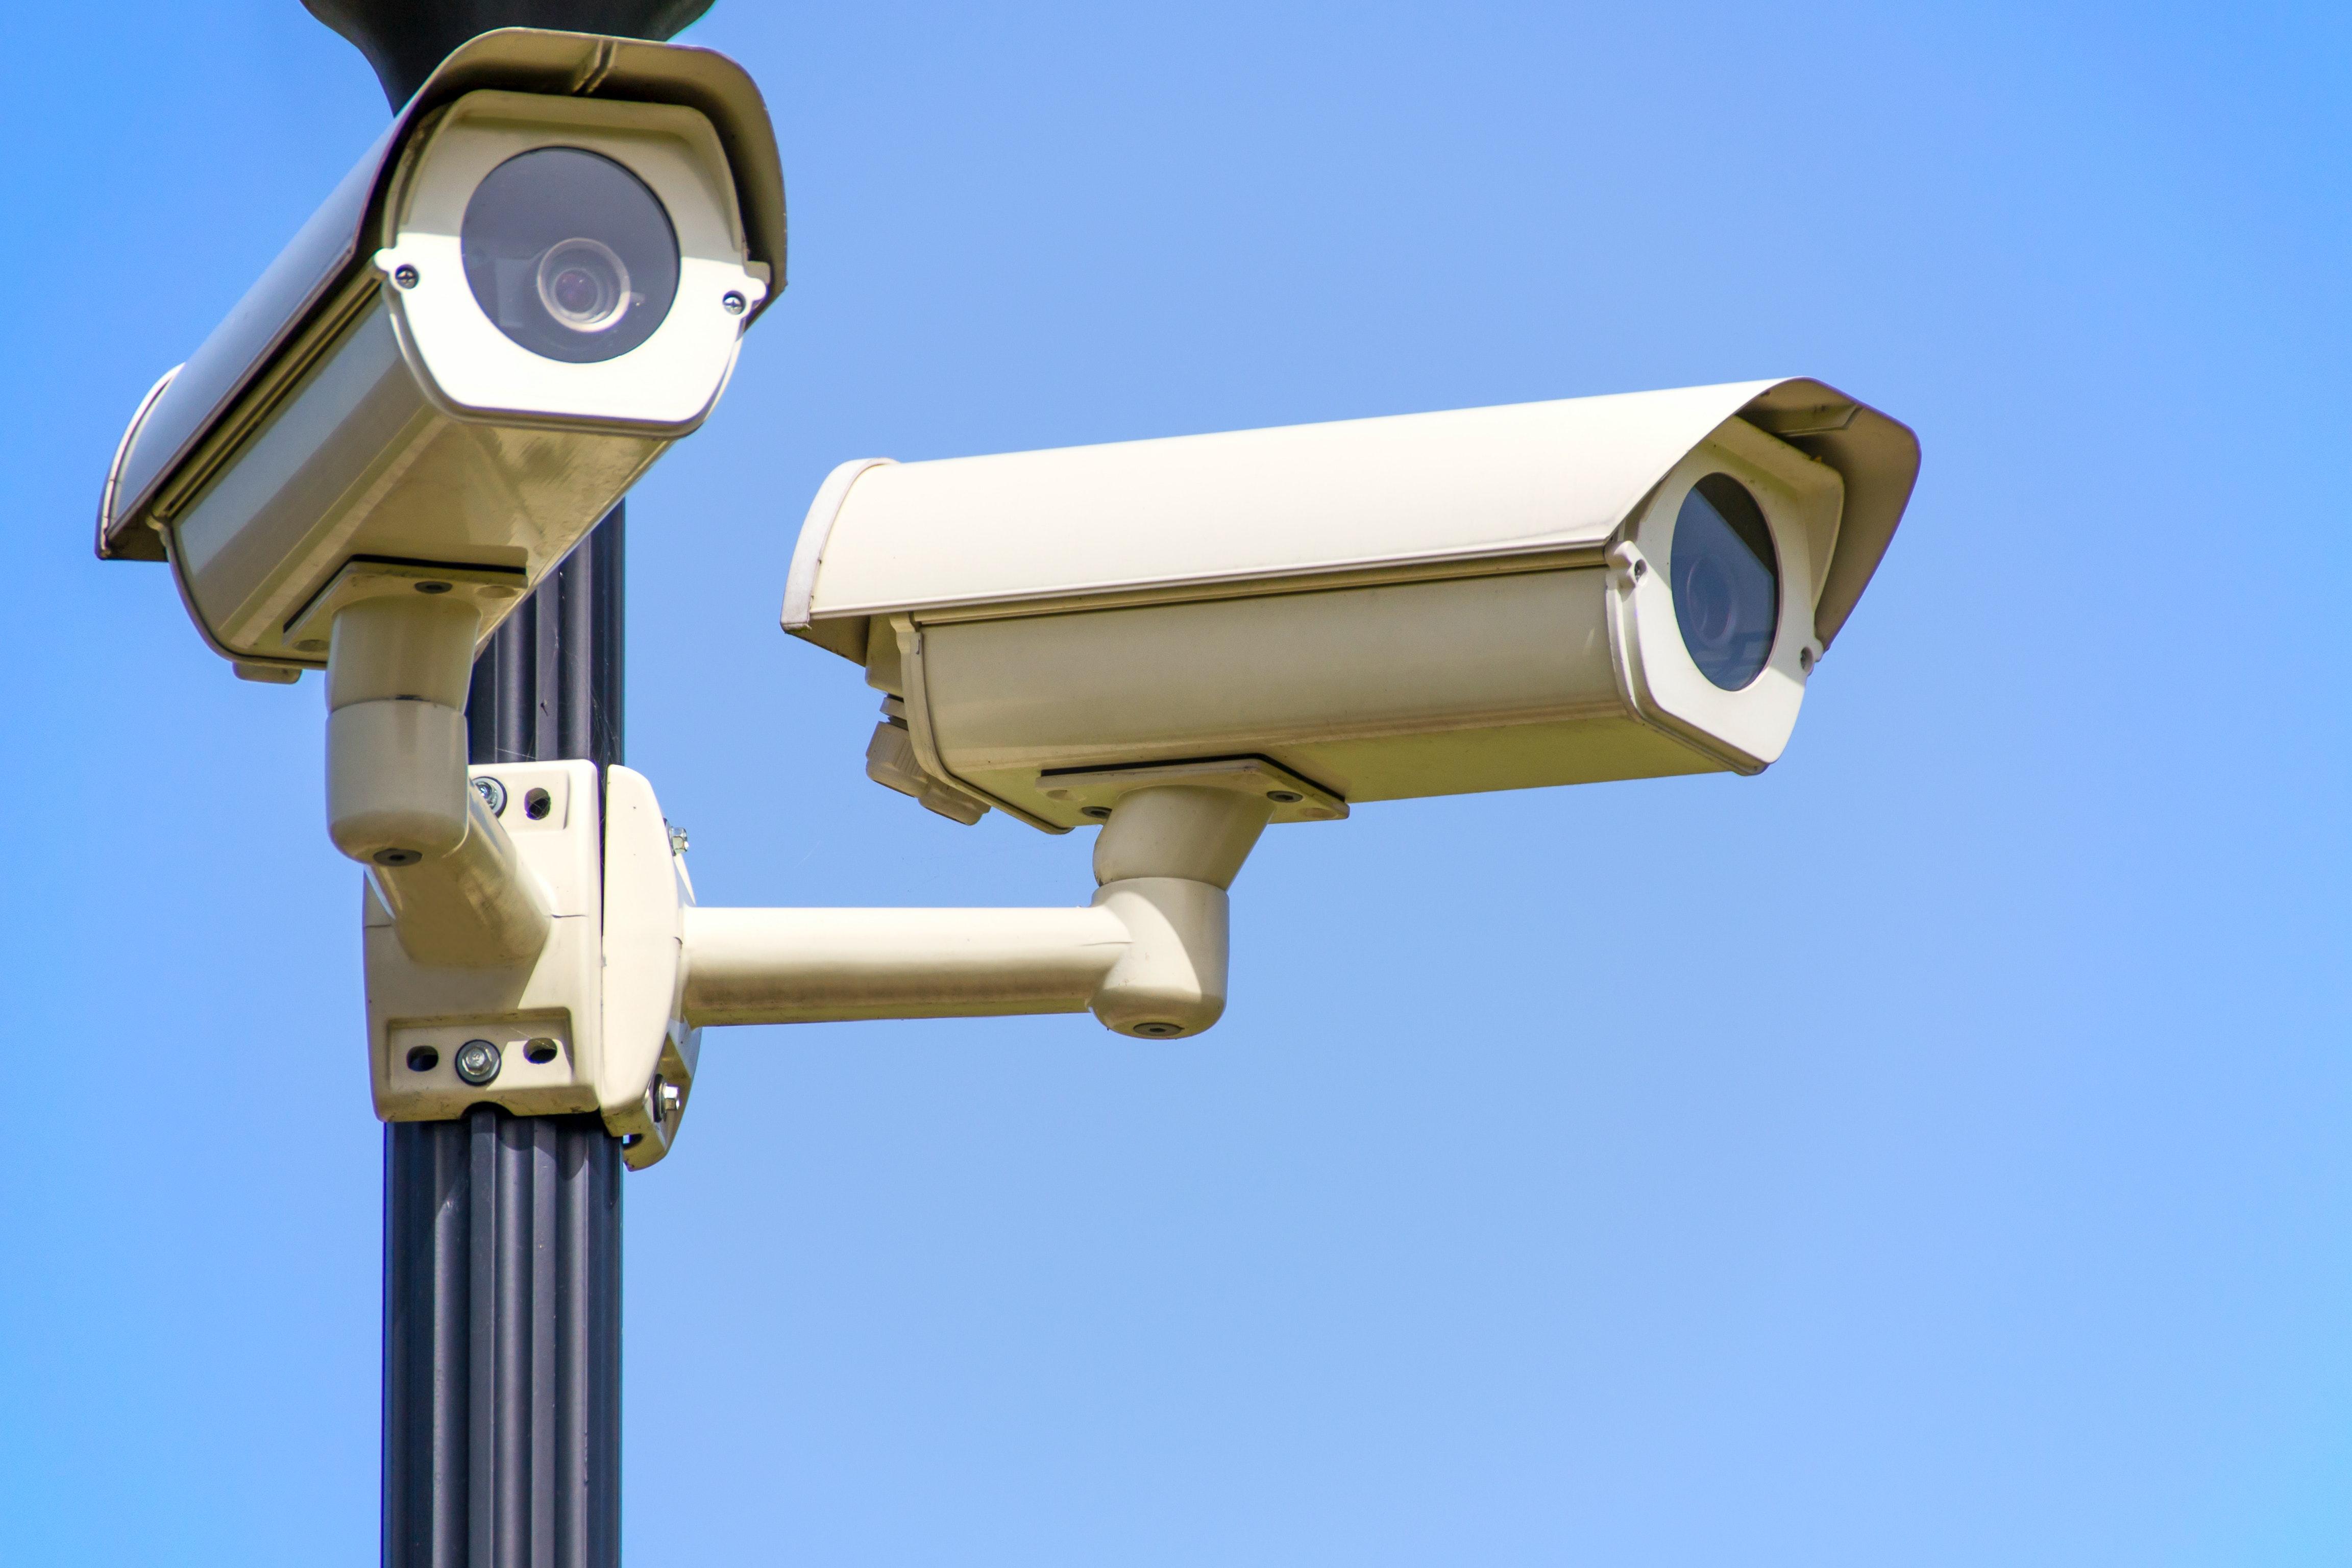 Число видеокамер в Петербурге увеличится почти в 4 раза к 2025 году